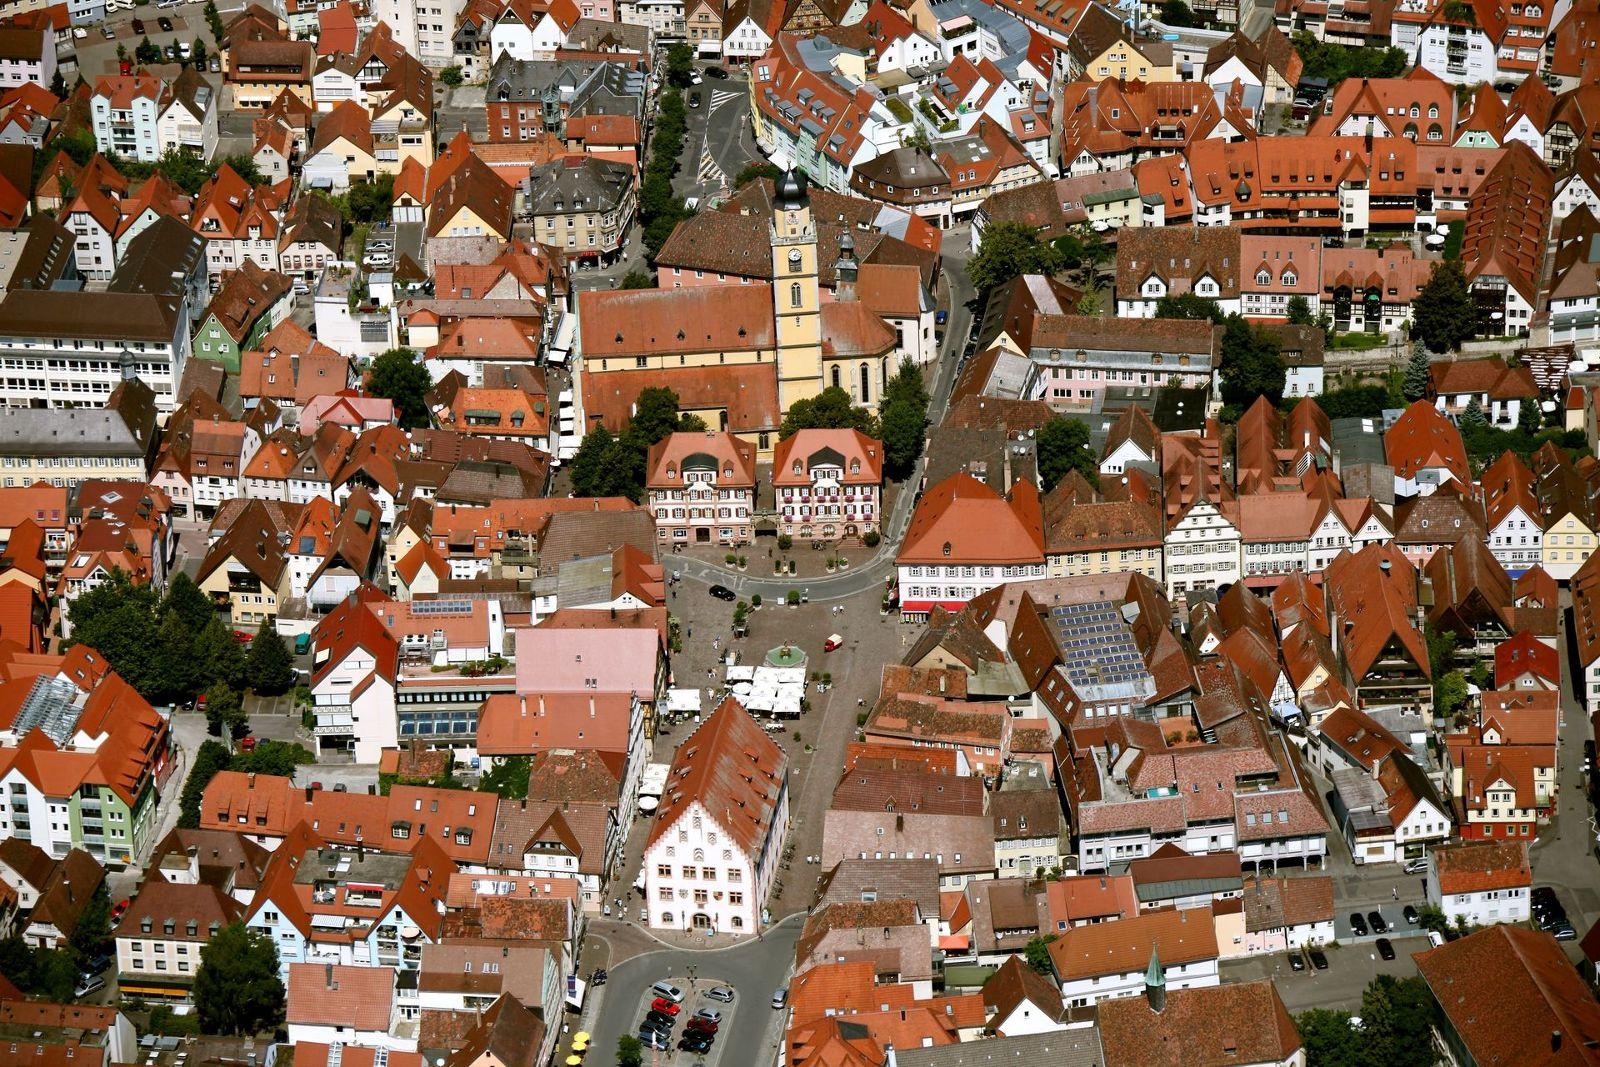 Luftbild von Bad Mergentheim